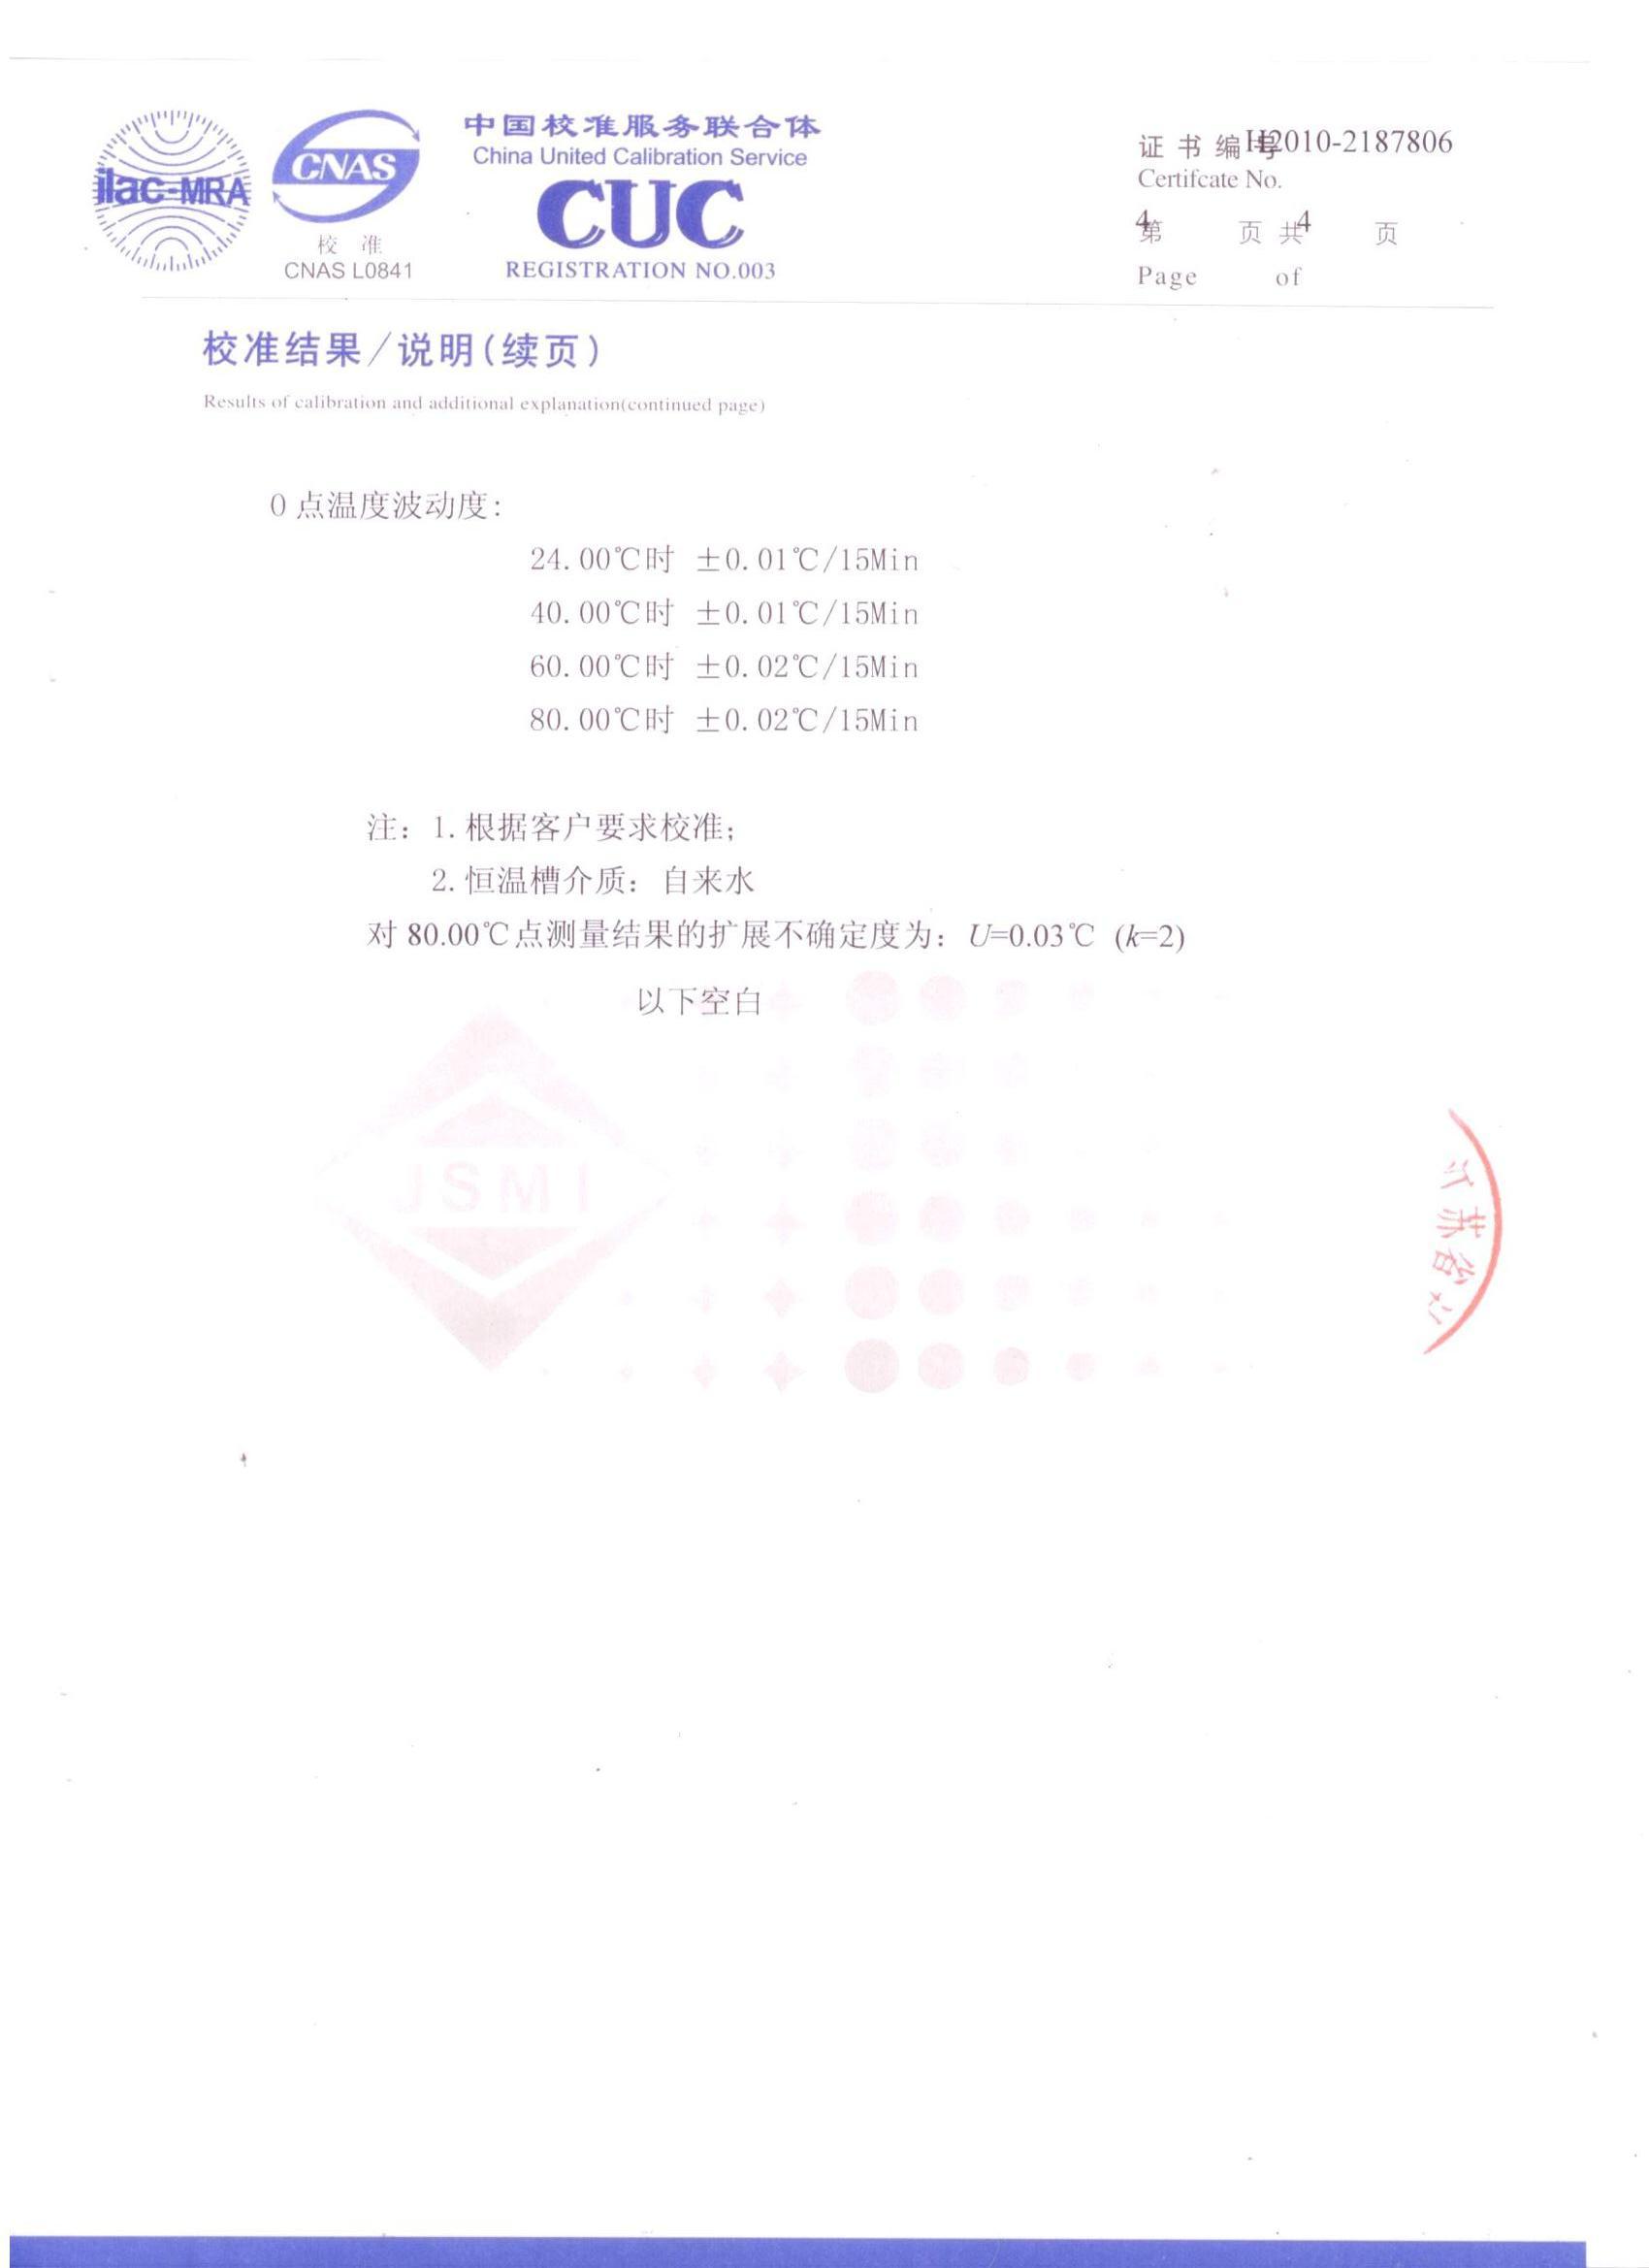 恒温槽获中国江苏省计量科学院四点校准证书